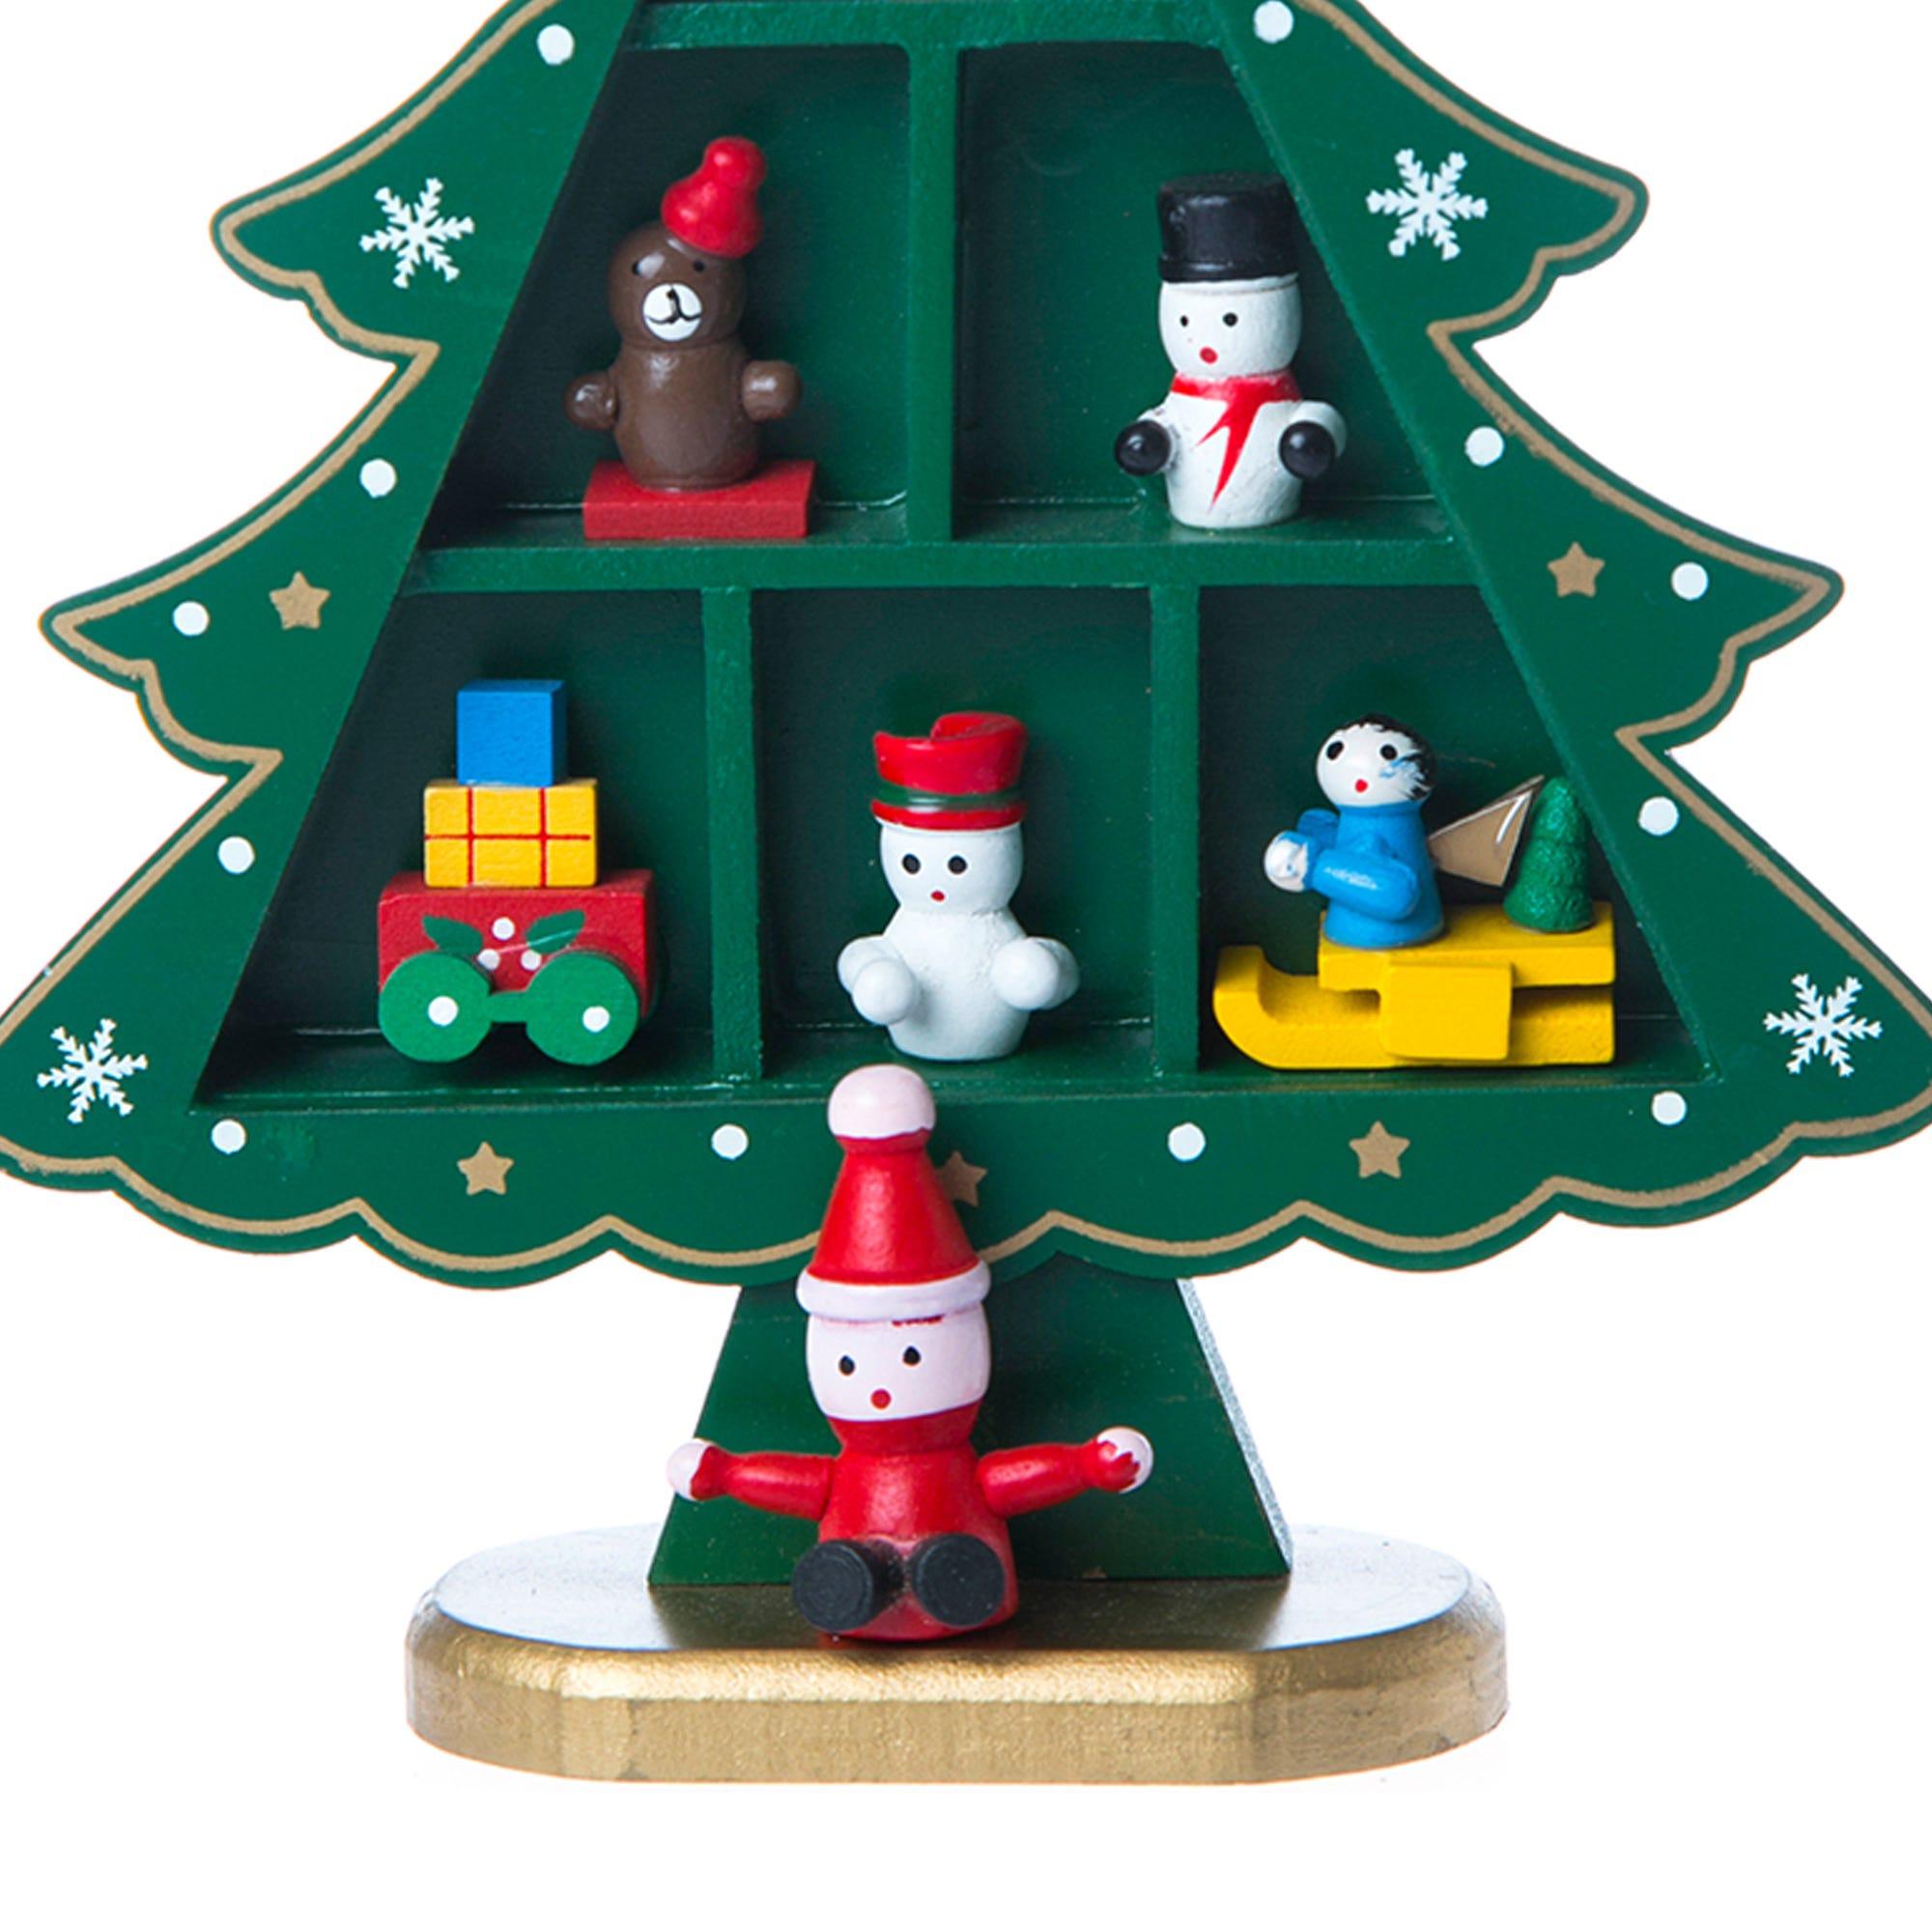 Árbol de Navidad con compartimentos/figuras decorativas en verde